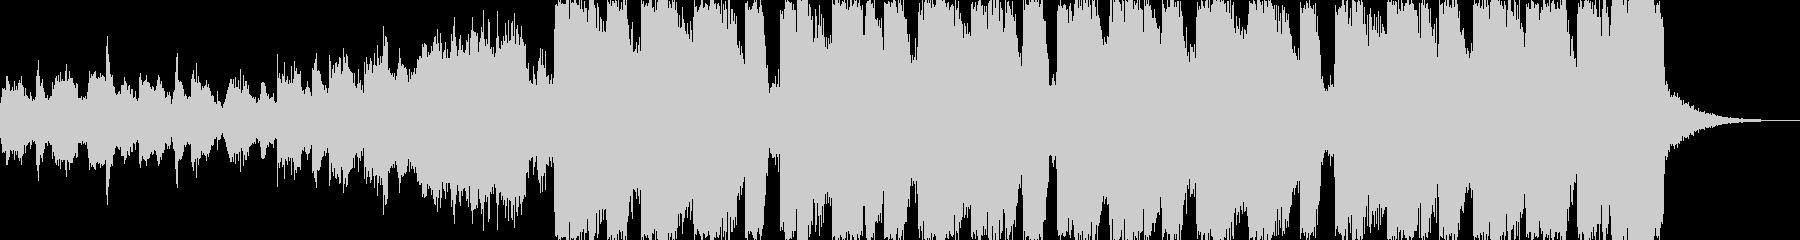 ピチカートドラムンベースエレクトロcの未再生の波形